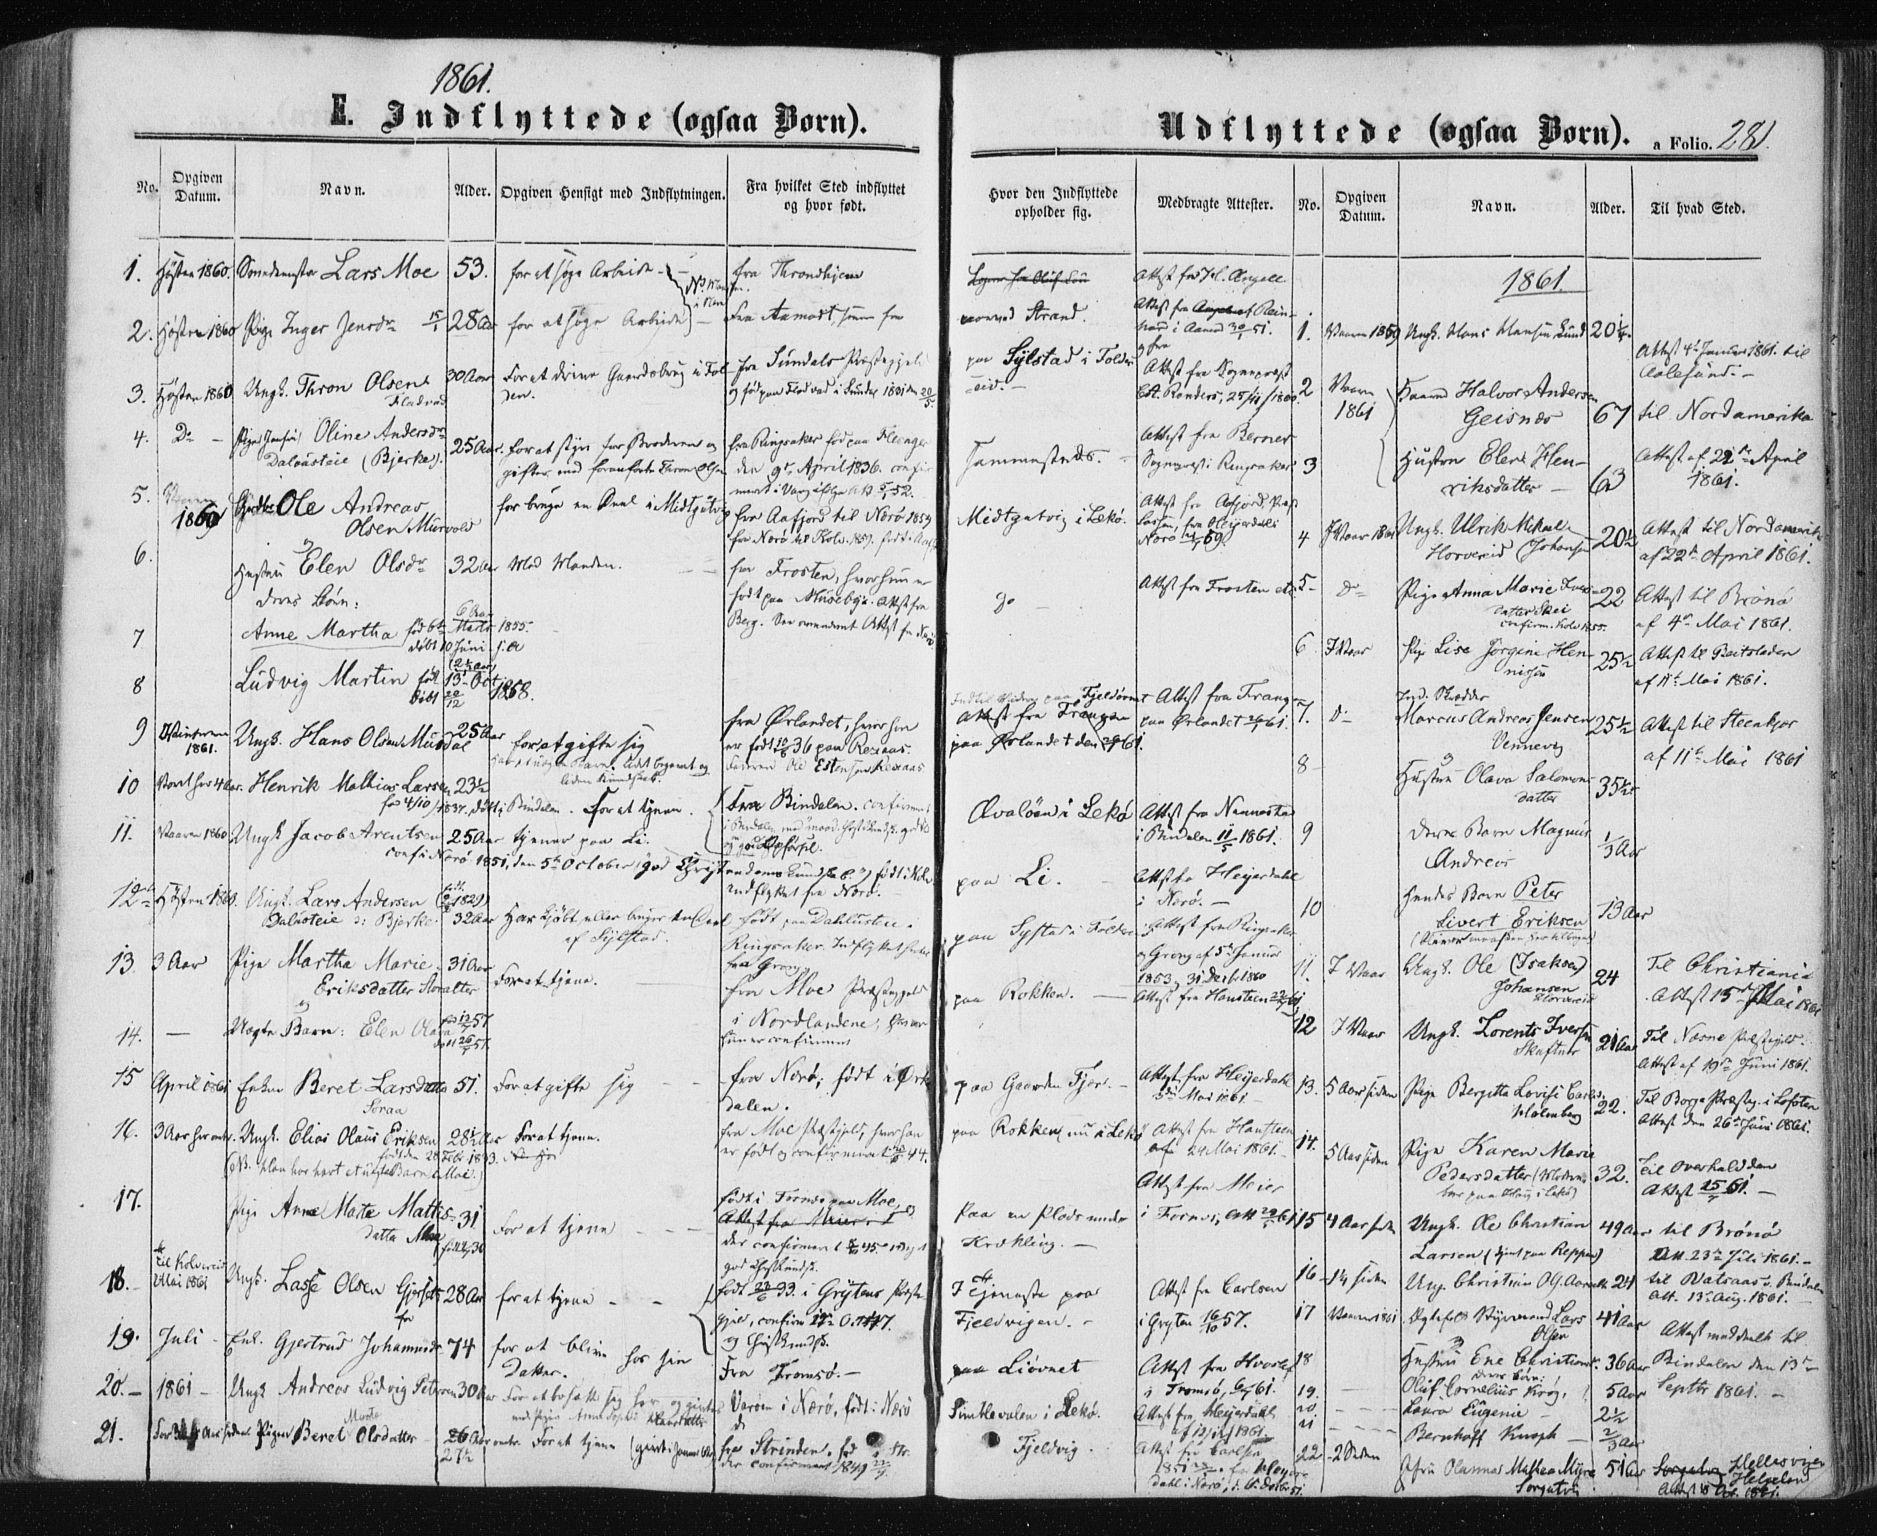 SAT, Ministerialprotokoller, klokkerbøker og fødselsregistre - Nord-Trøndelag, 780/L0641: Ministerialbok nr. 780A06, 1857-1874, s. 281